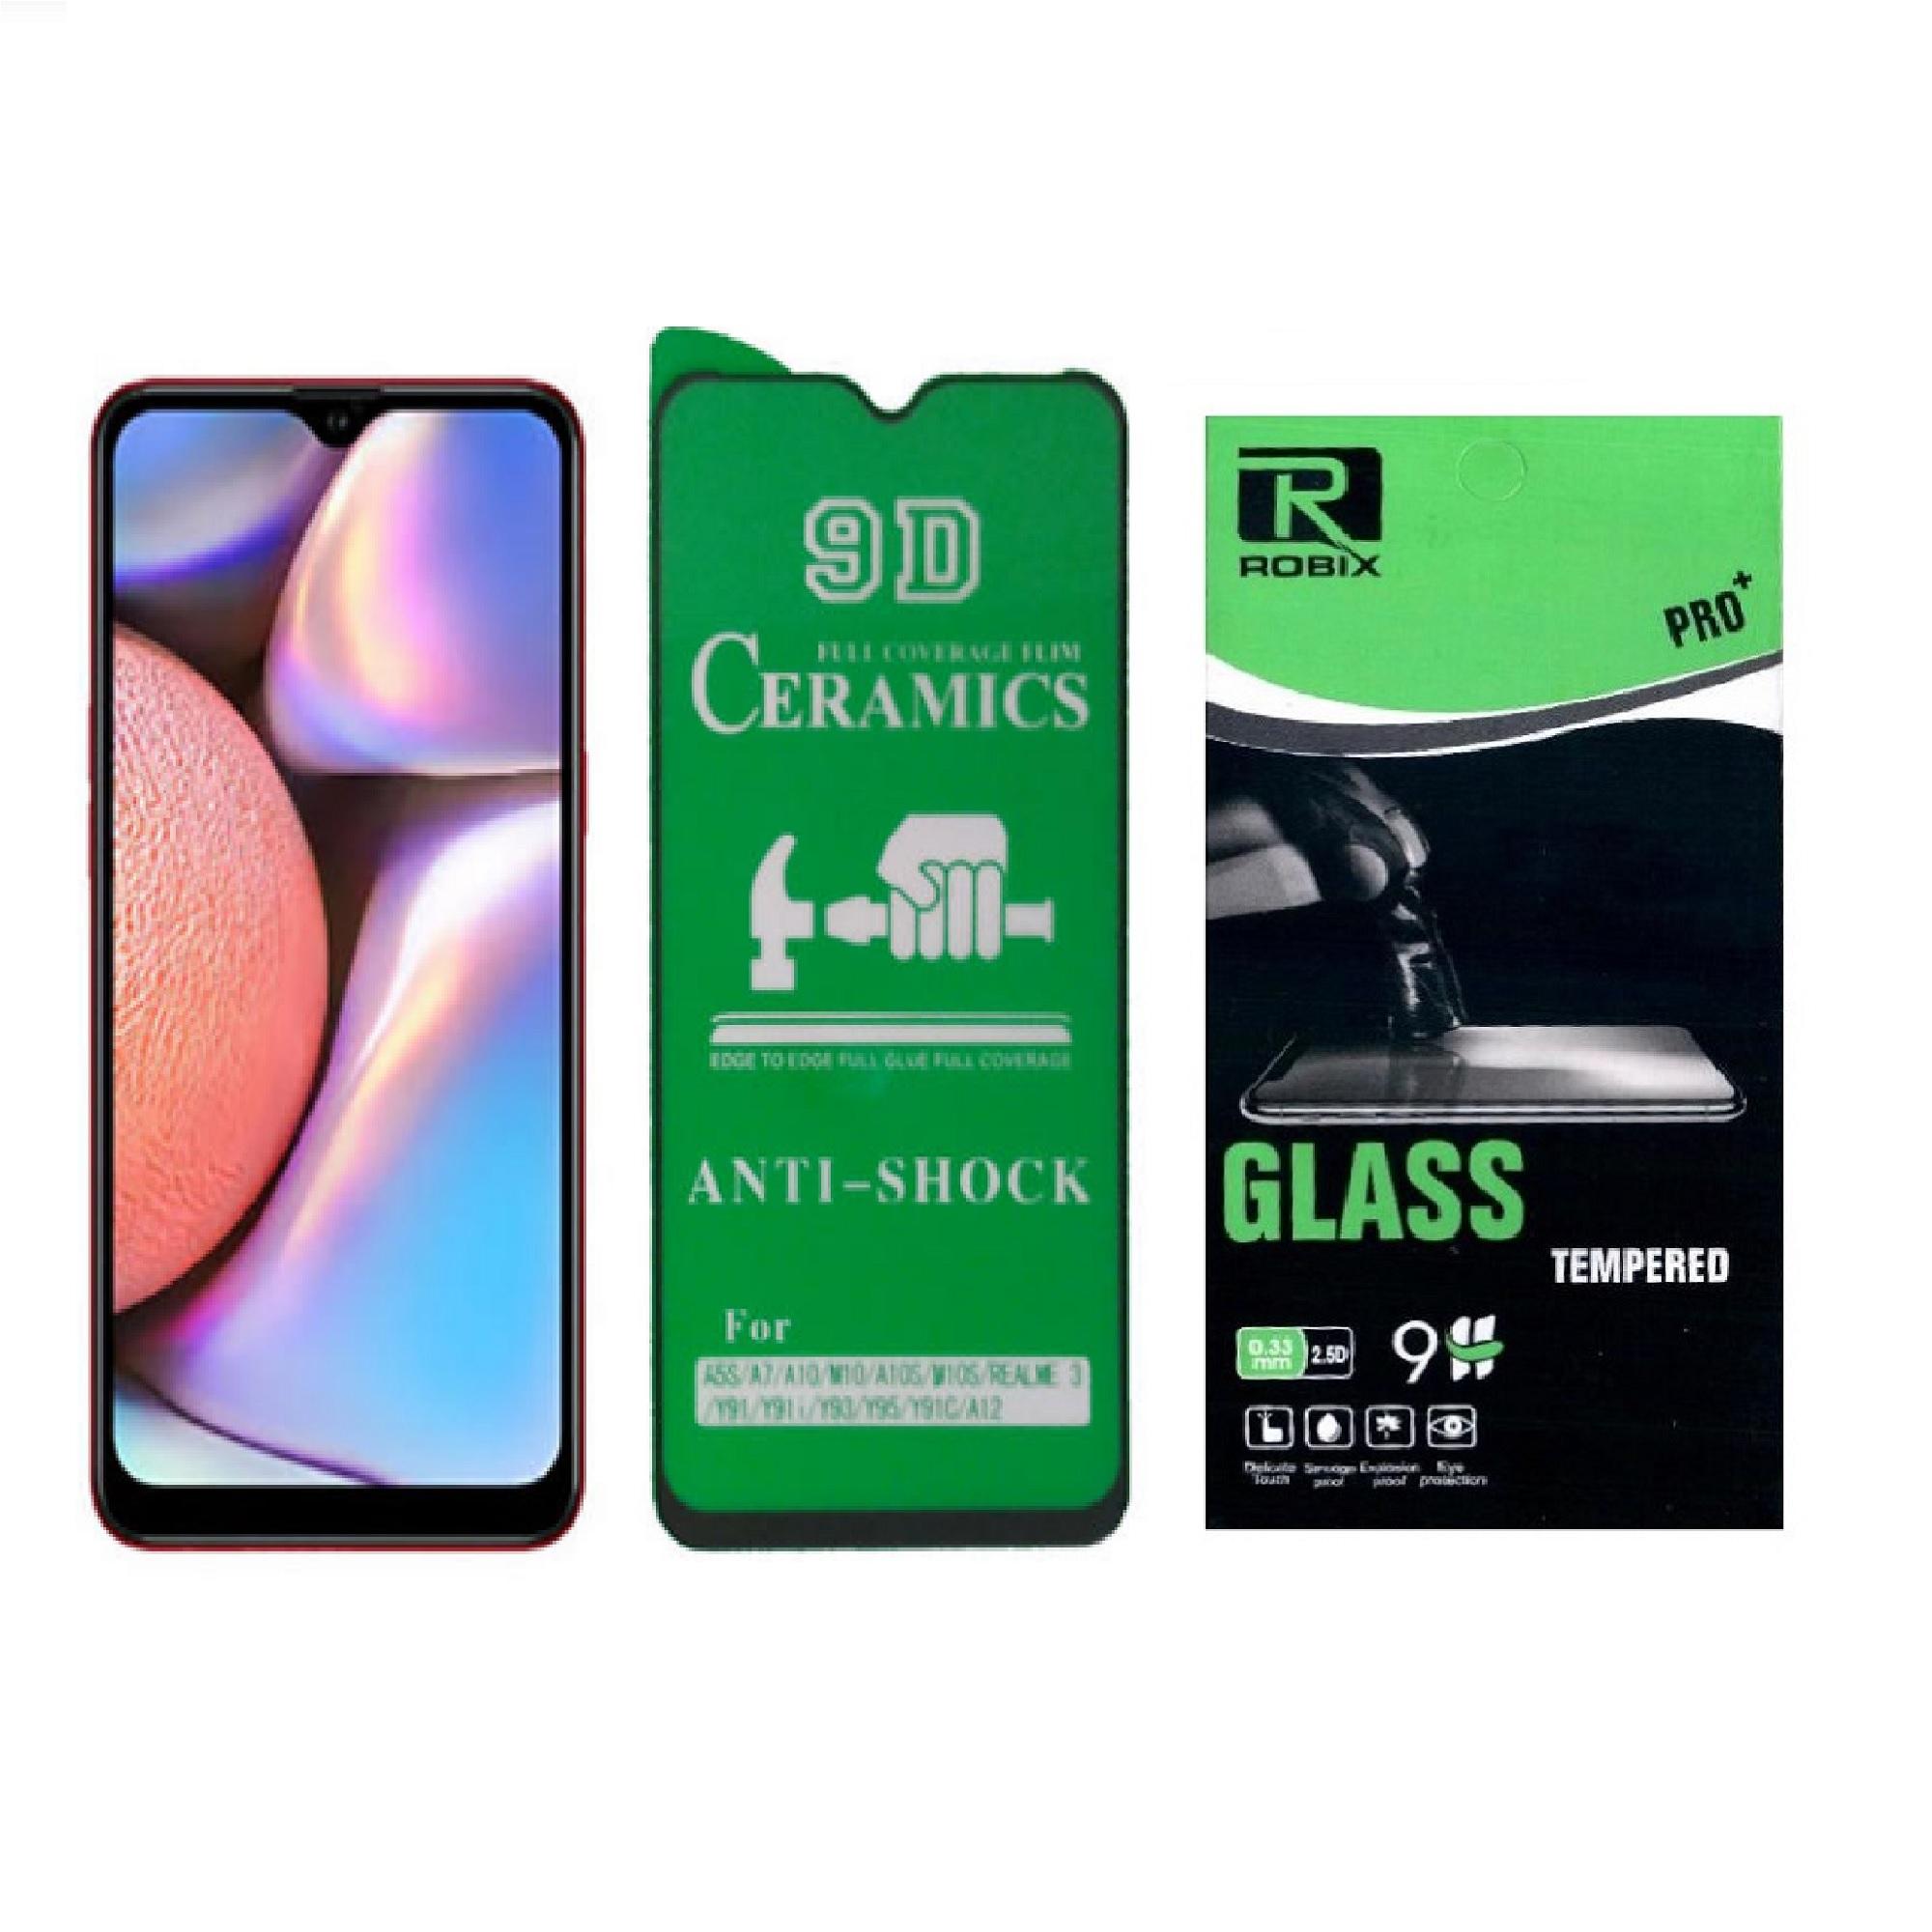 محافظ صفحه نمایش روبیکس مدل CRA-A10 مناسب برای گوشی موبایل سامسونگ Galaxy A10 / A10s / M10 / M10s